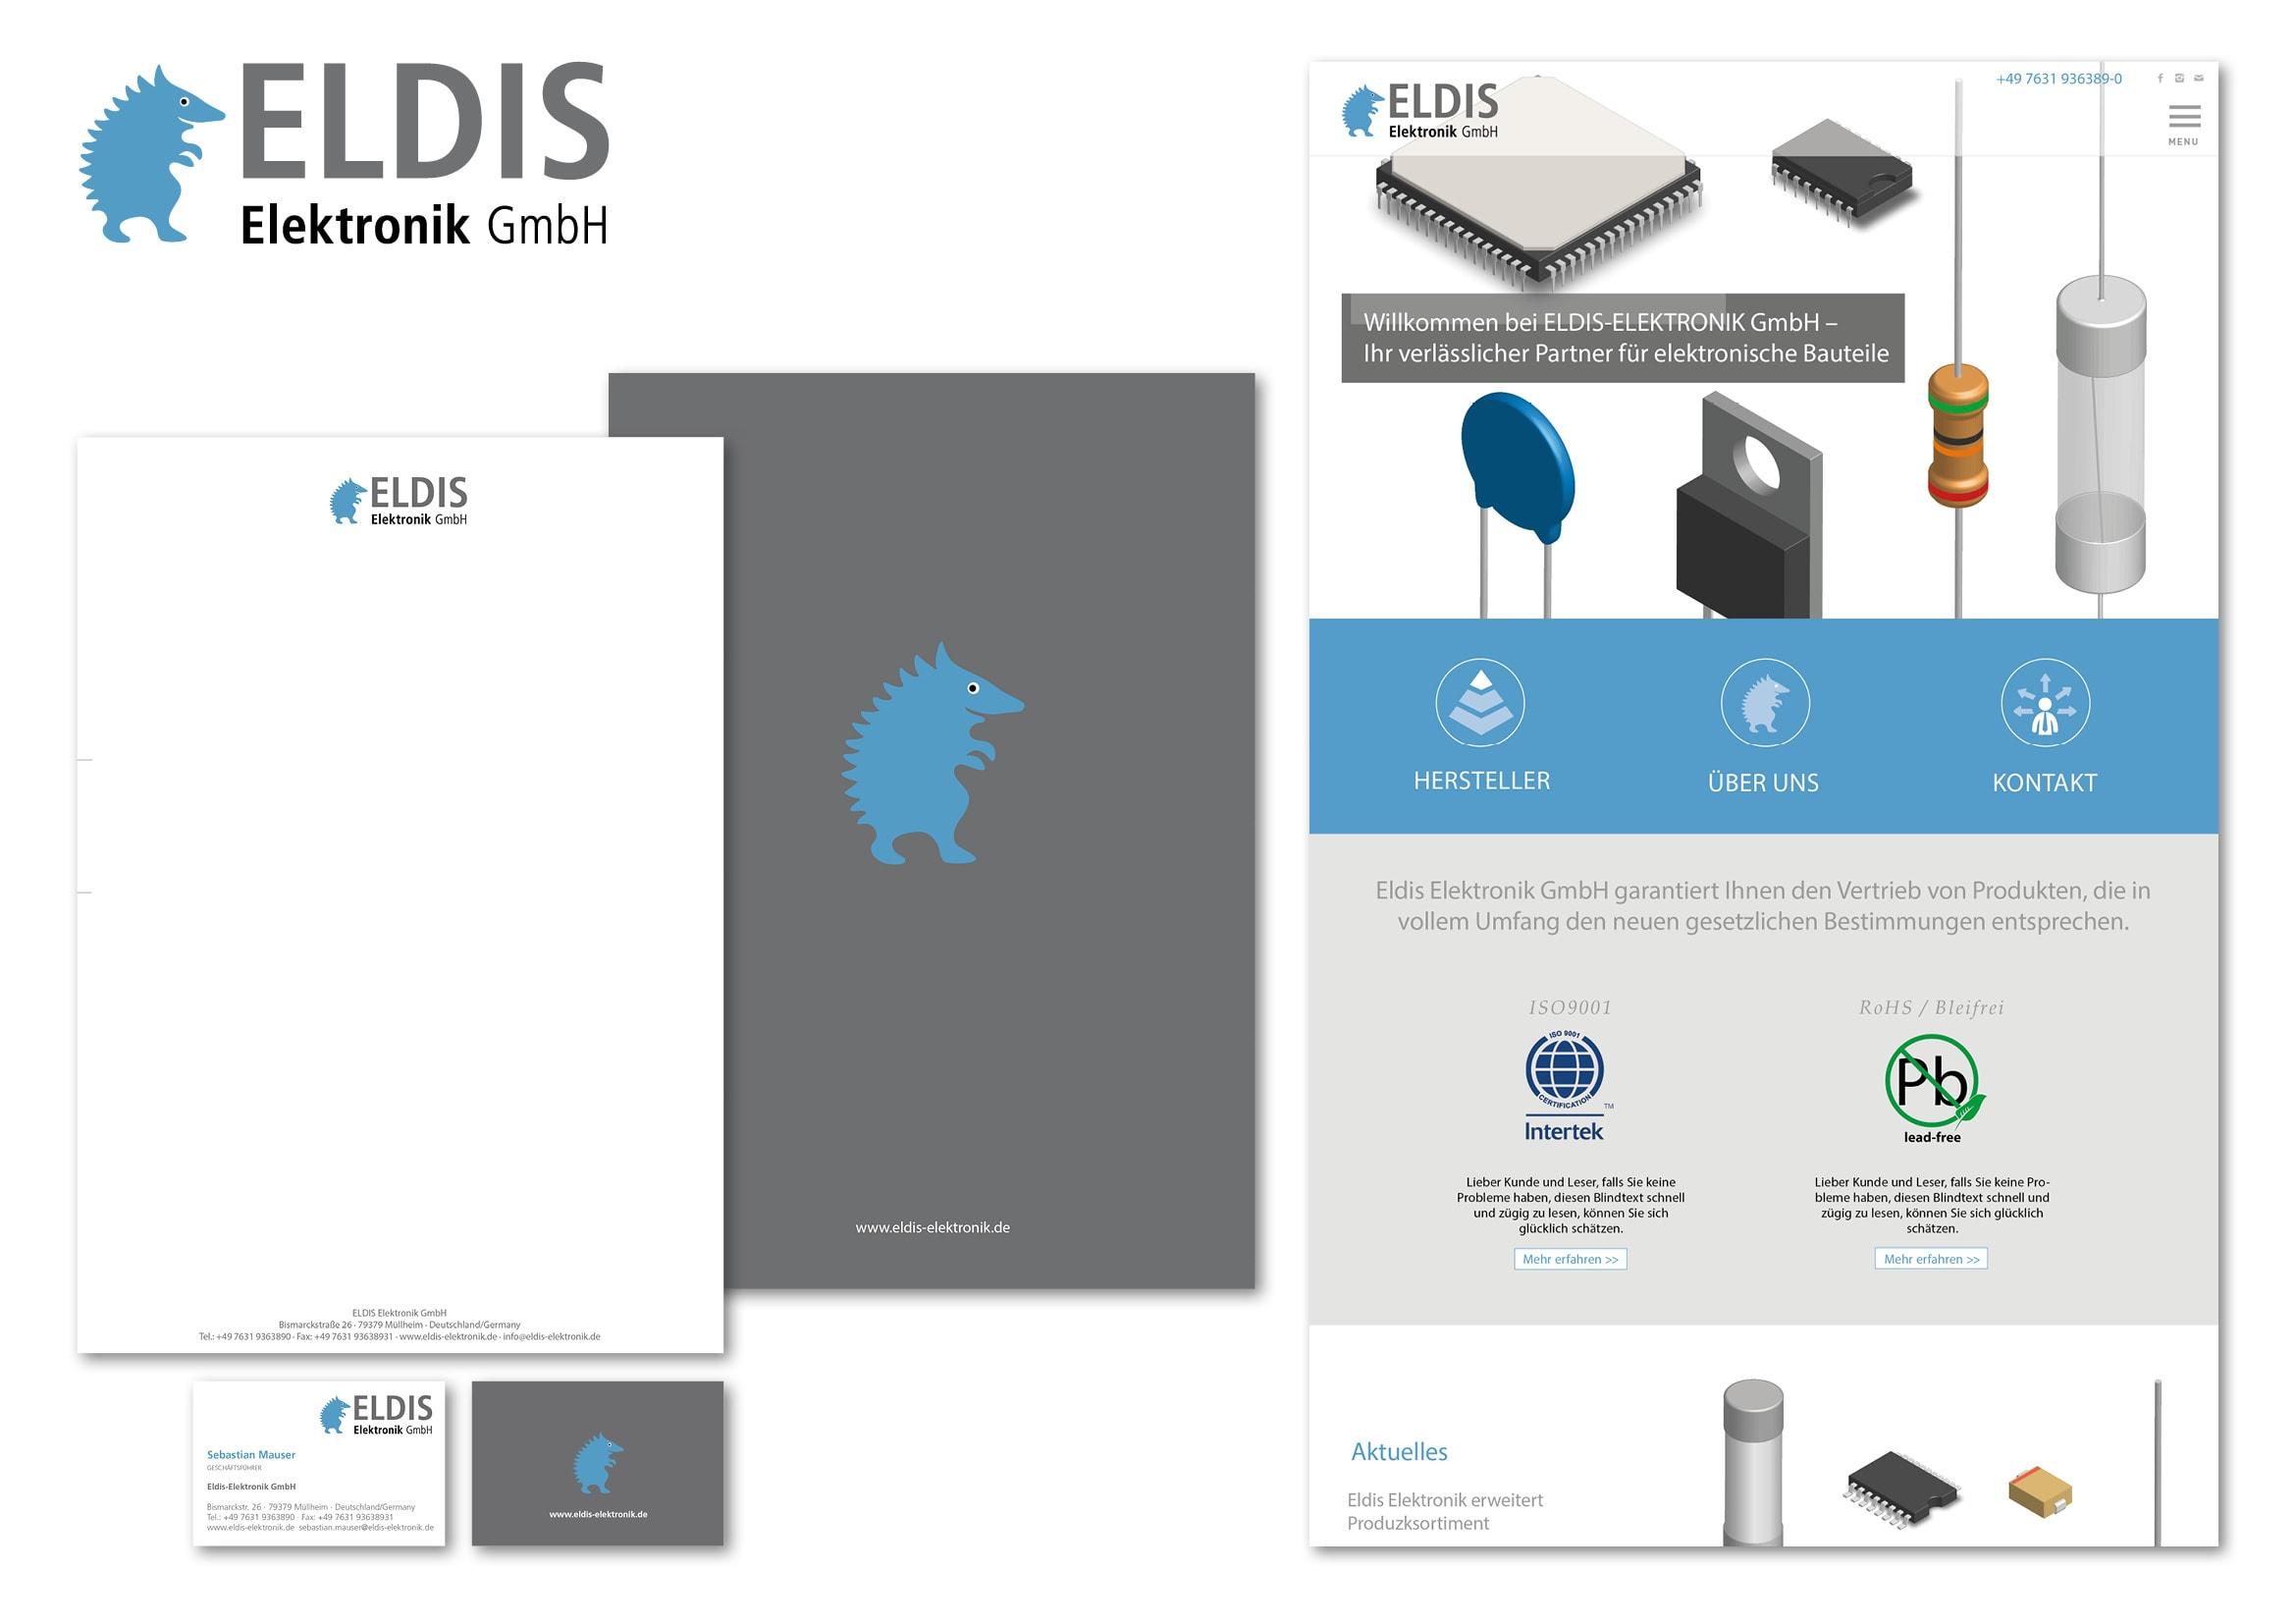 Corporate Design und Webdesign Entwicklung für Eldis Elektronik GmbH, einem Distributor von elektronischen Bauteilen durch Grafik-Designer Ronald Wissler